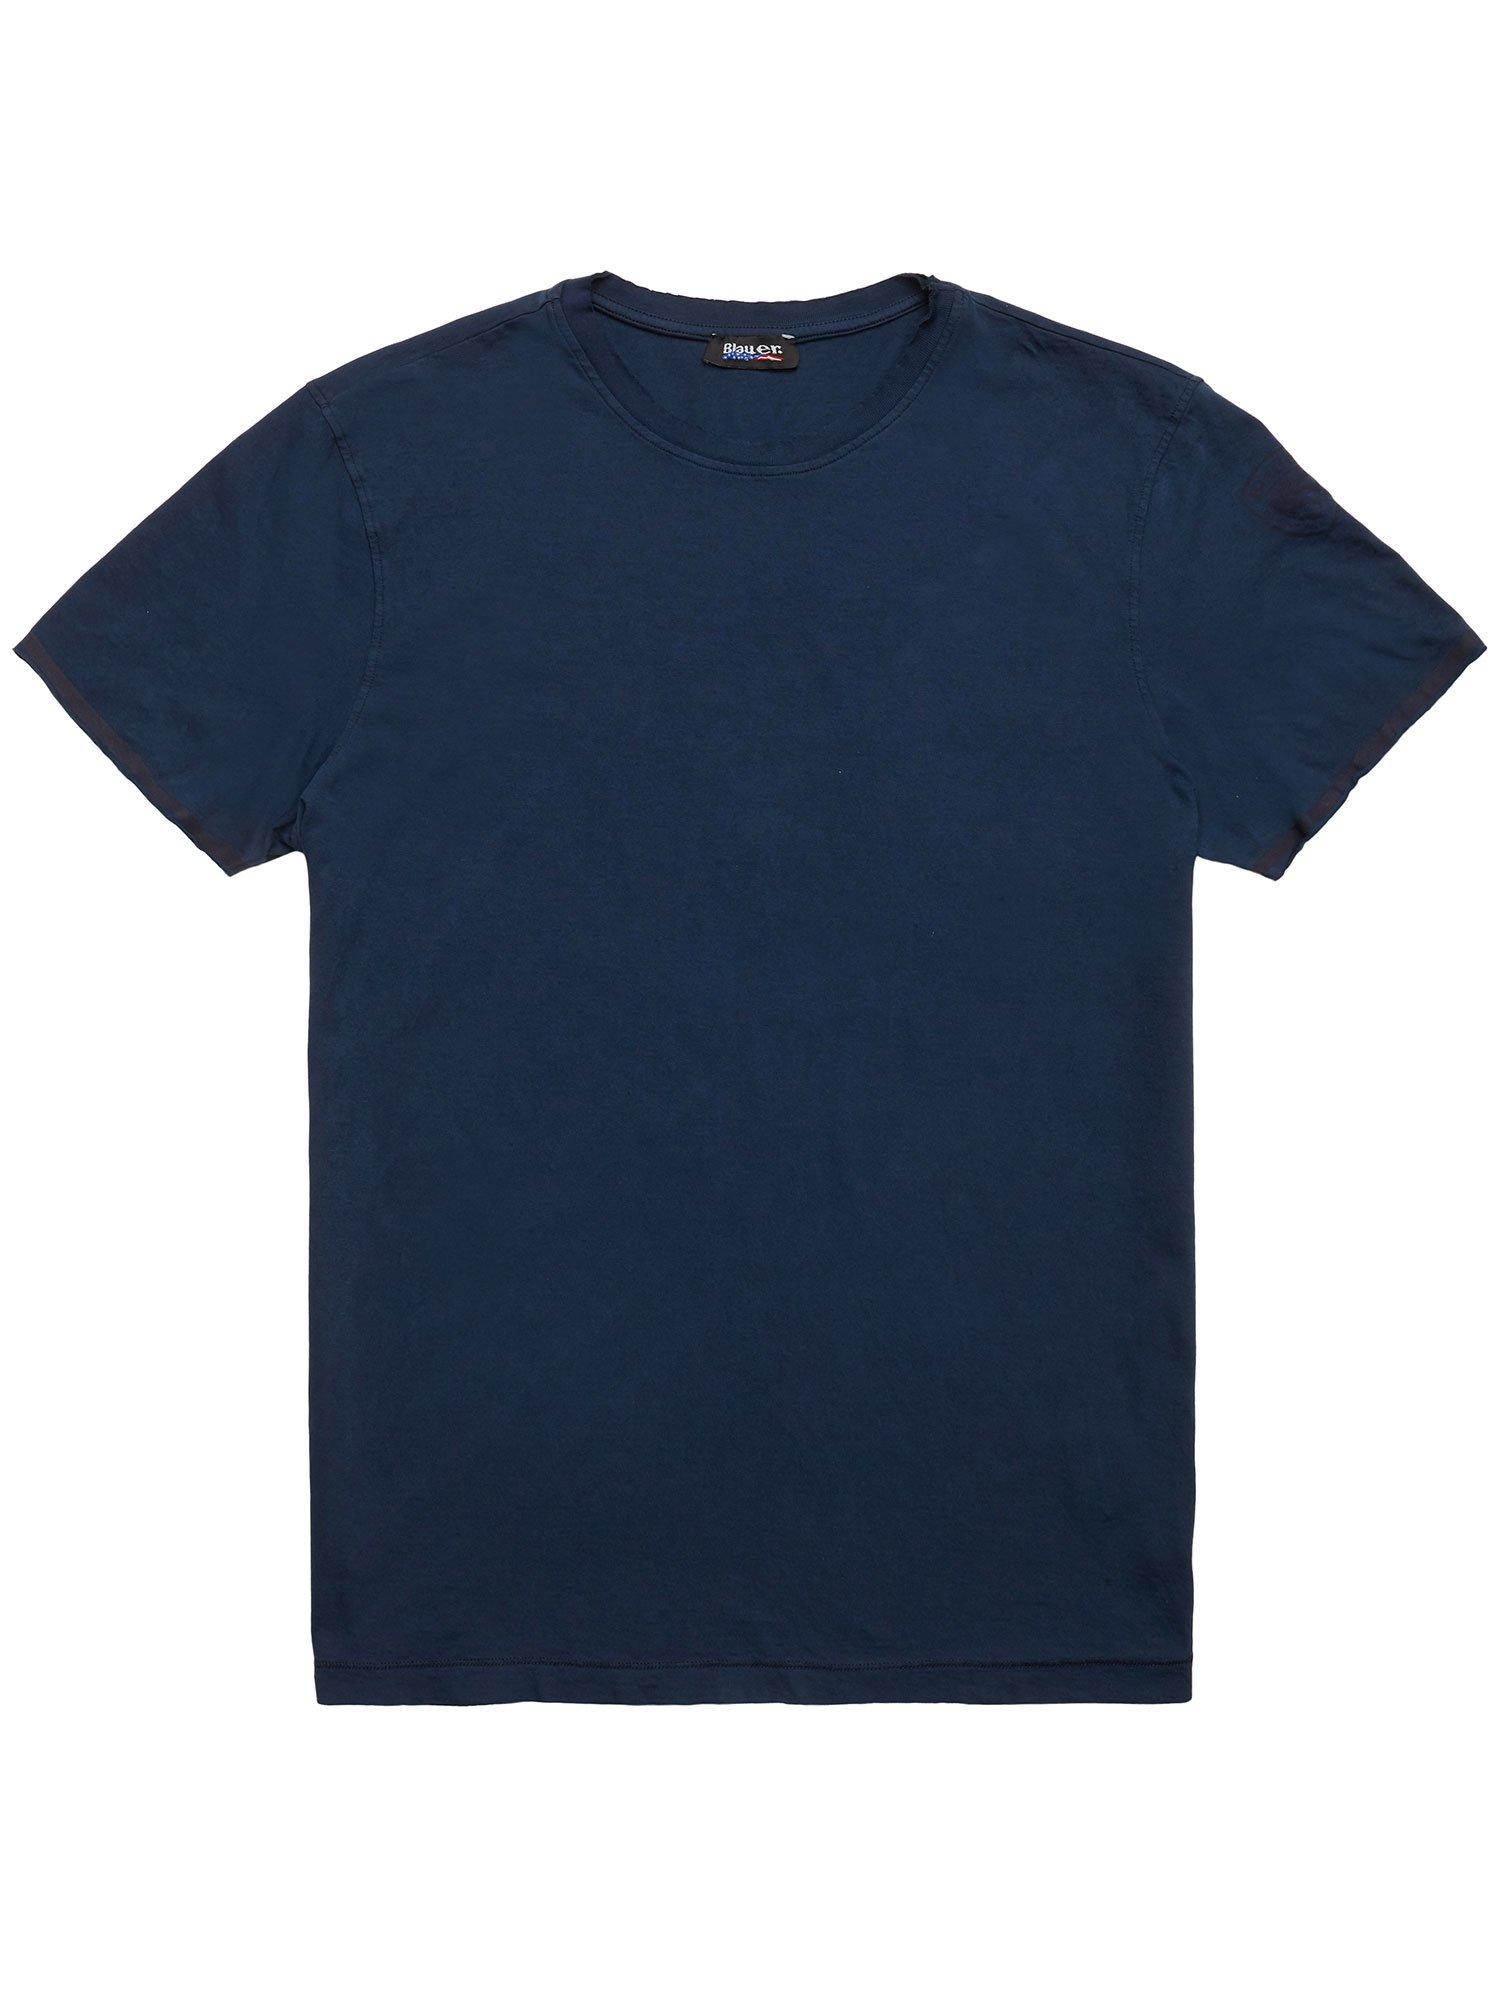 Blauer - BICOLOUR EDGE T-SHIRT - Midnight Blue - Blauer